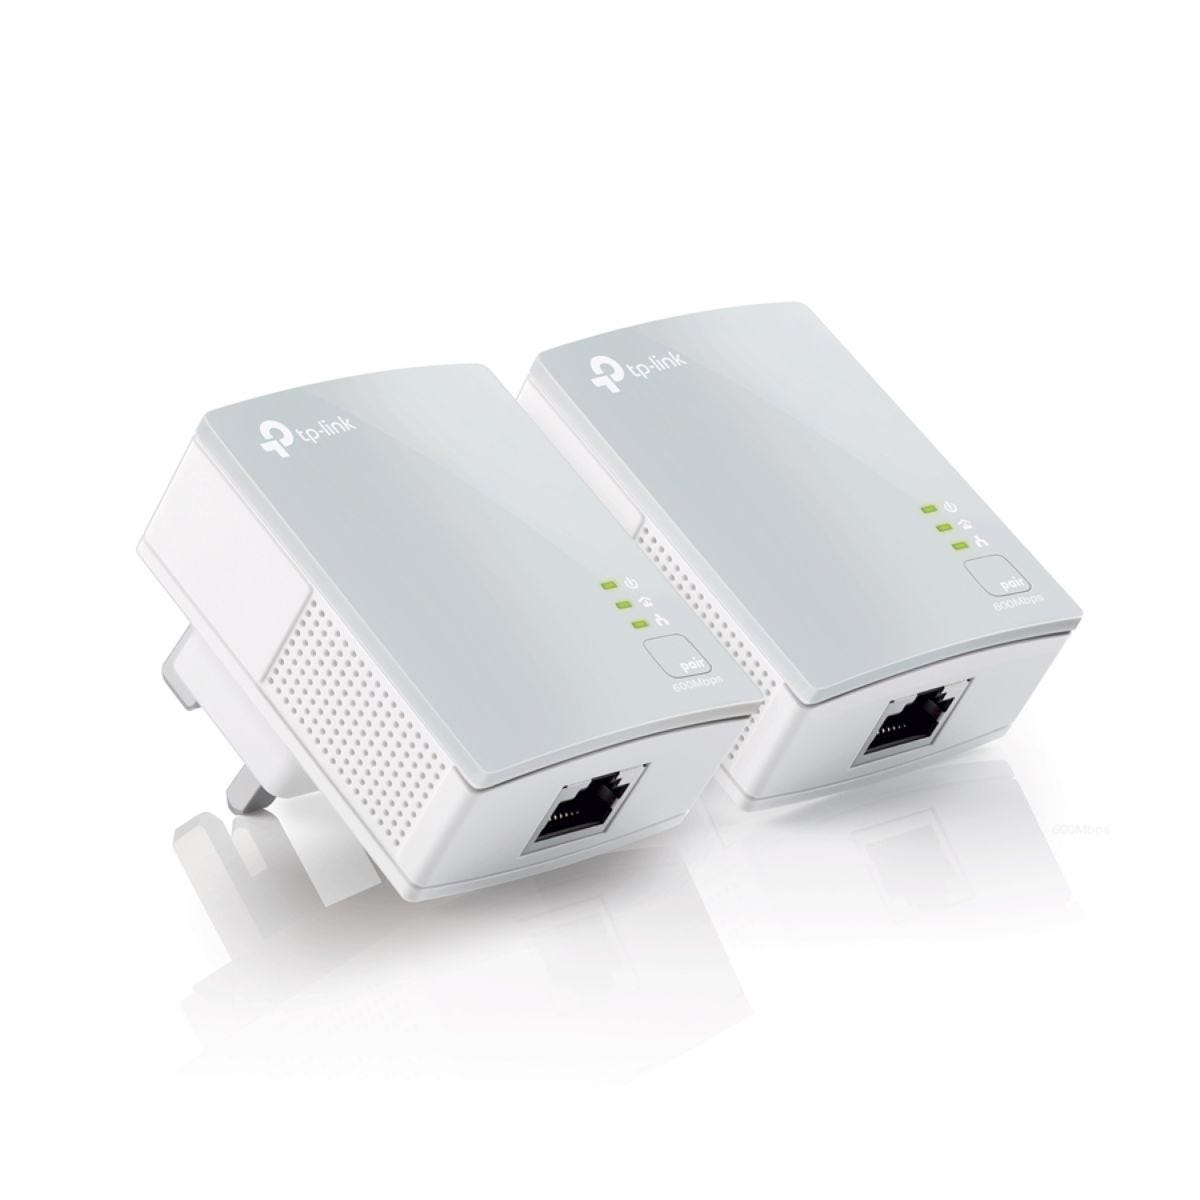 TP-Link AV600 Nano Powerline Adapter – Starter Kit